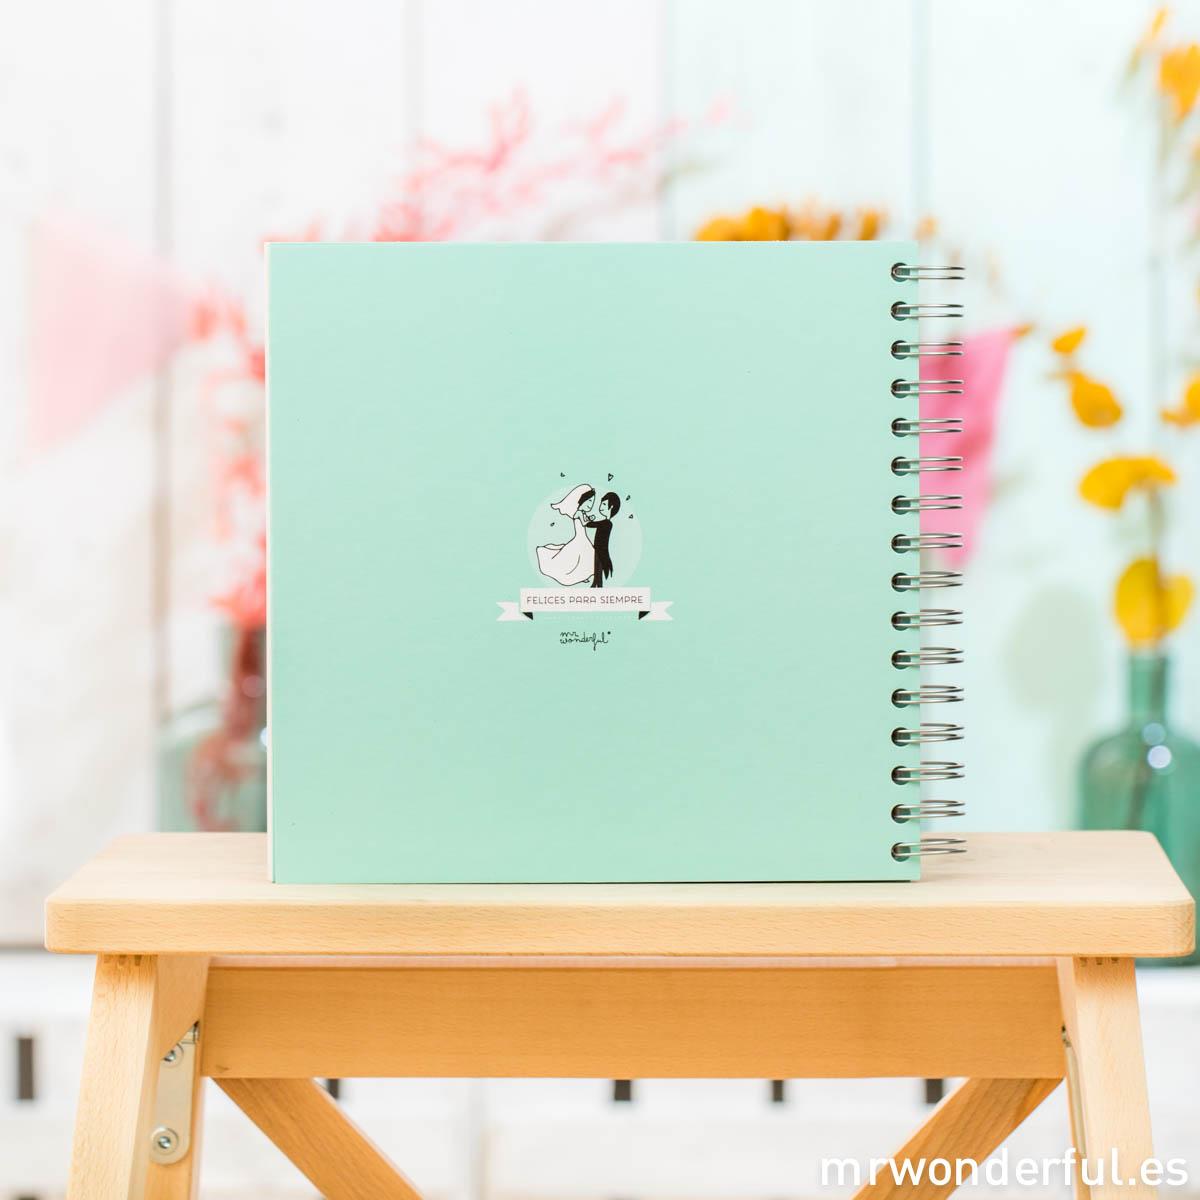 mrwonderful_LIBRO_06_libro-firmas-bodas-originales_Guestbook-63